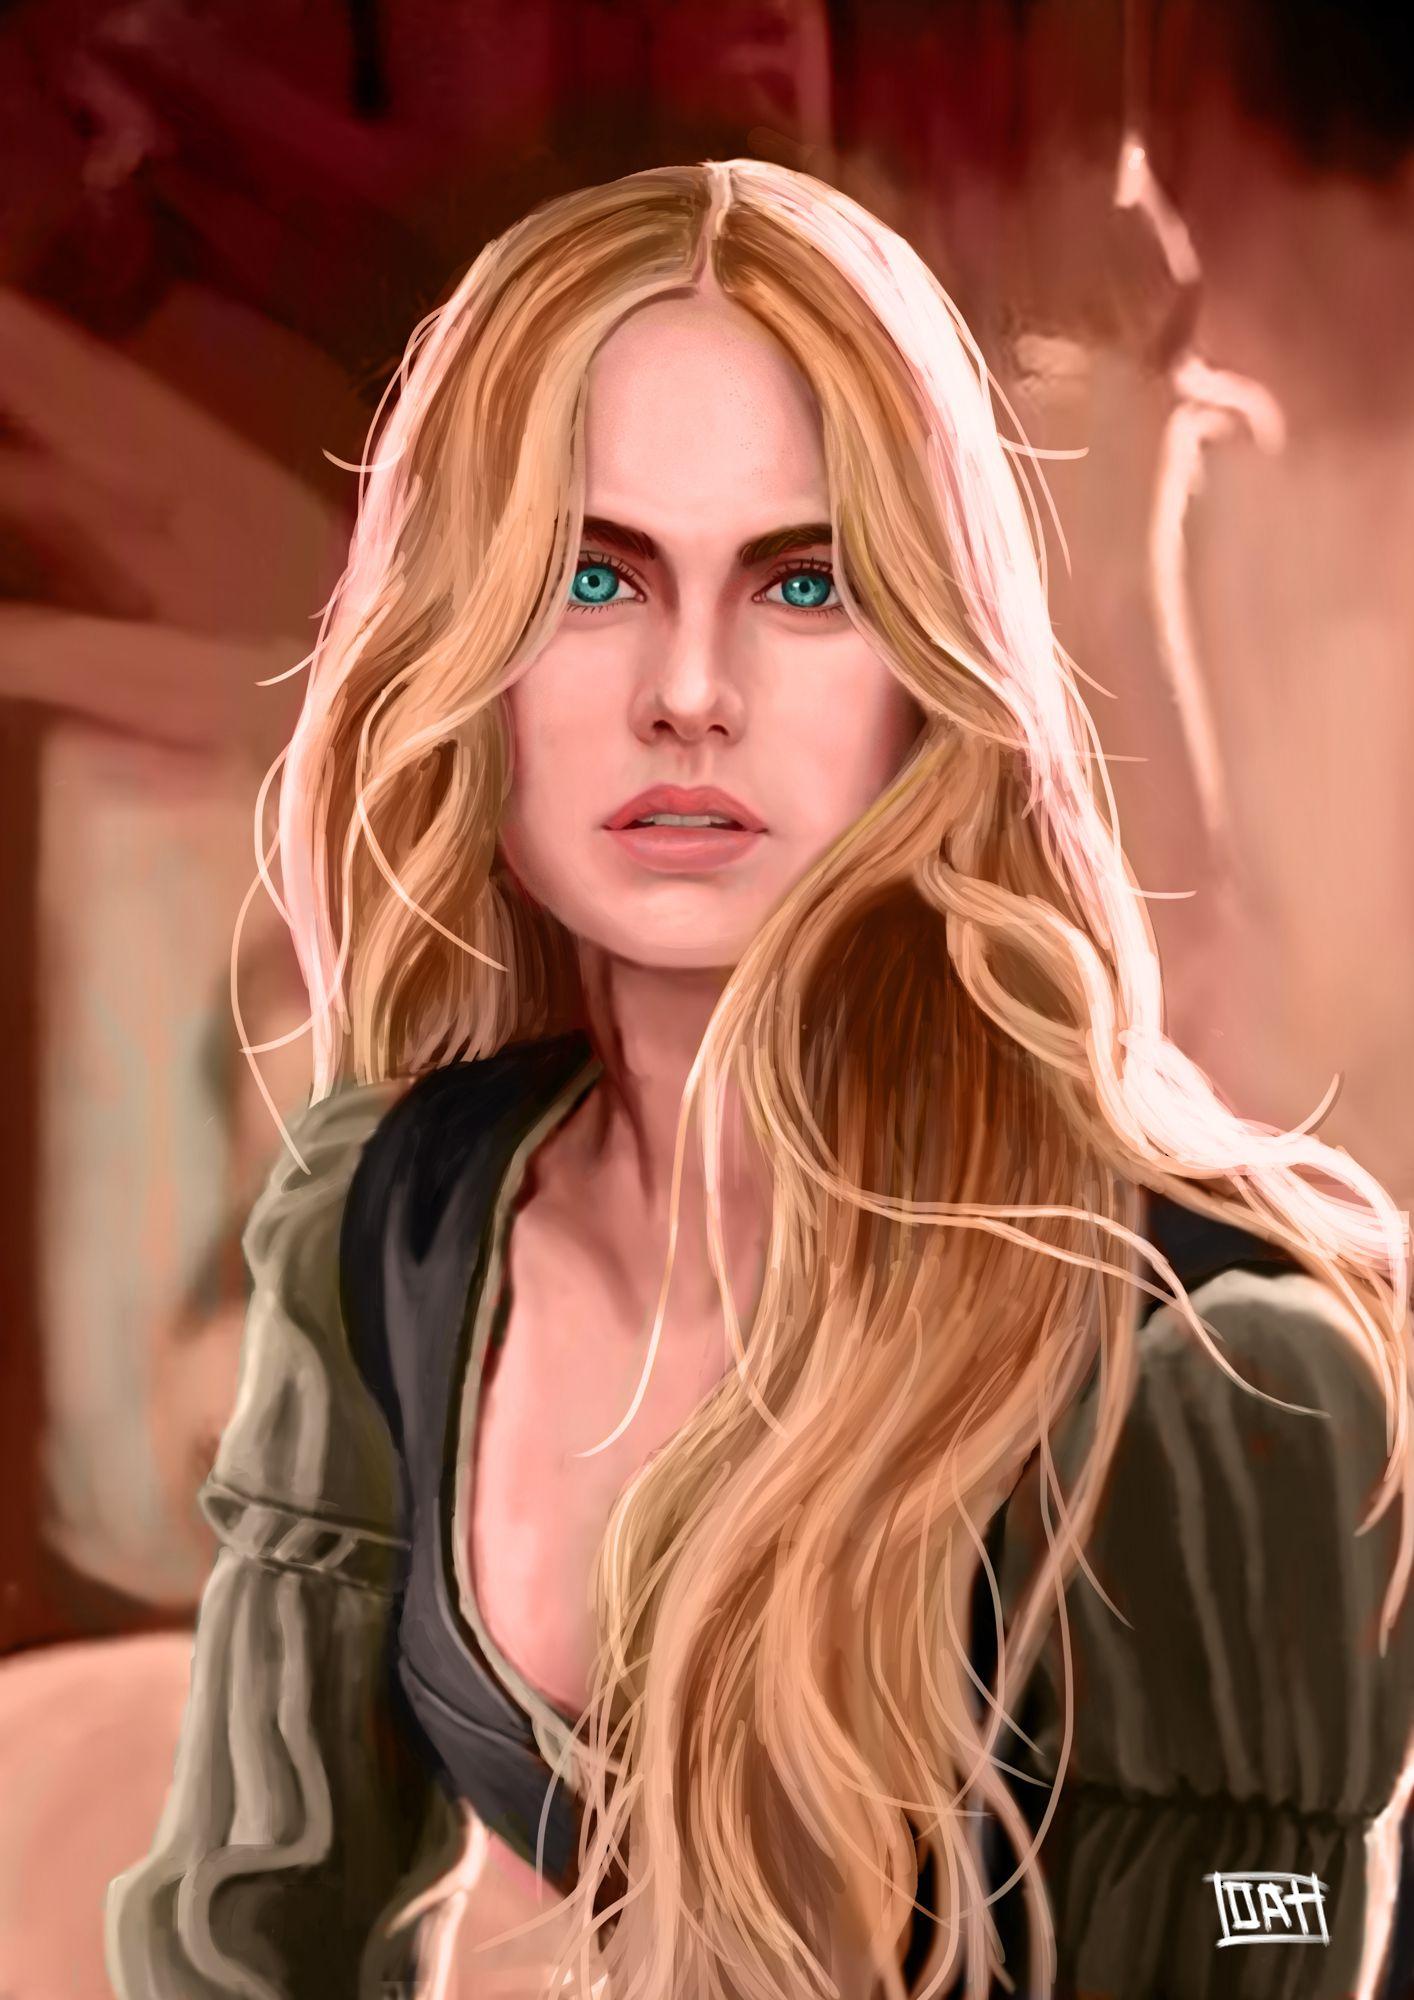 ไอโลน่า เจ้าหญิงแห่งอาณาจักรวิซลาร์ส